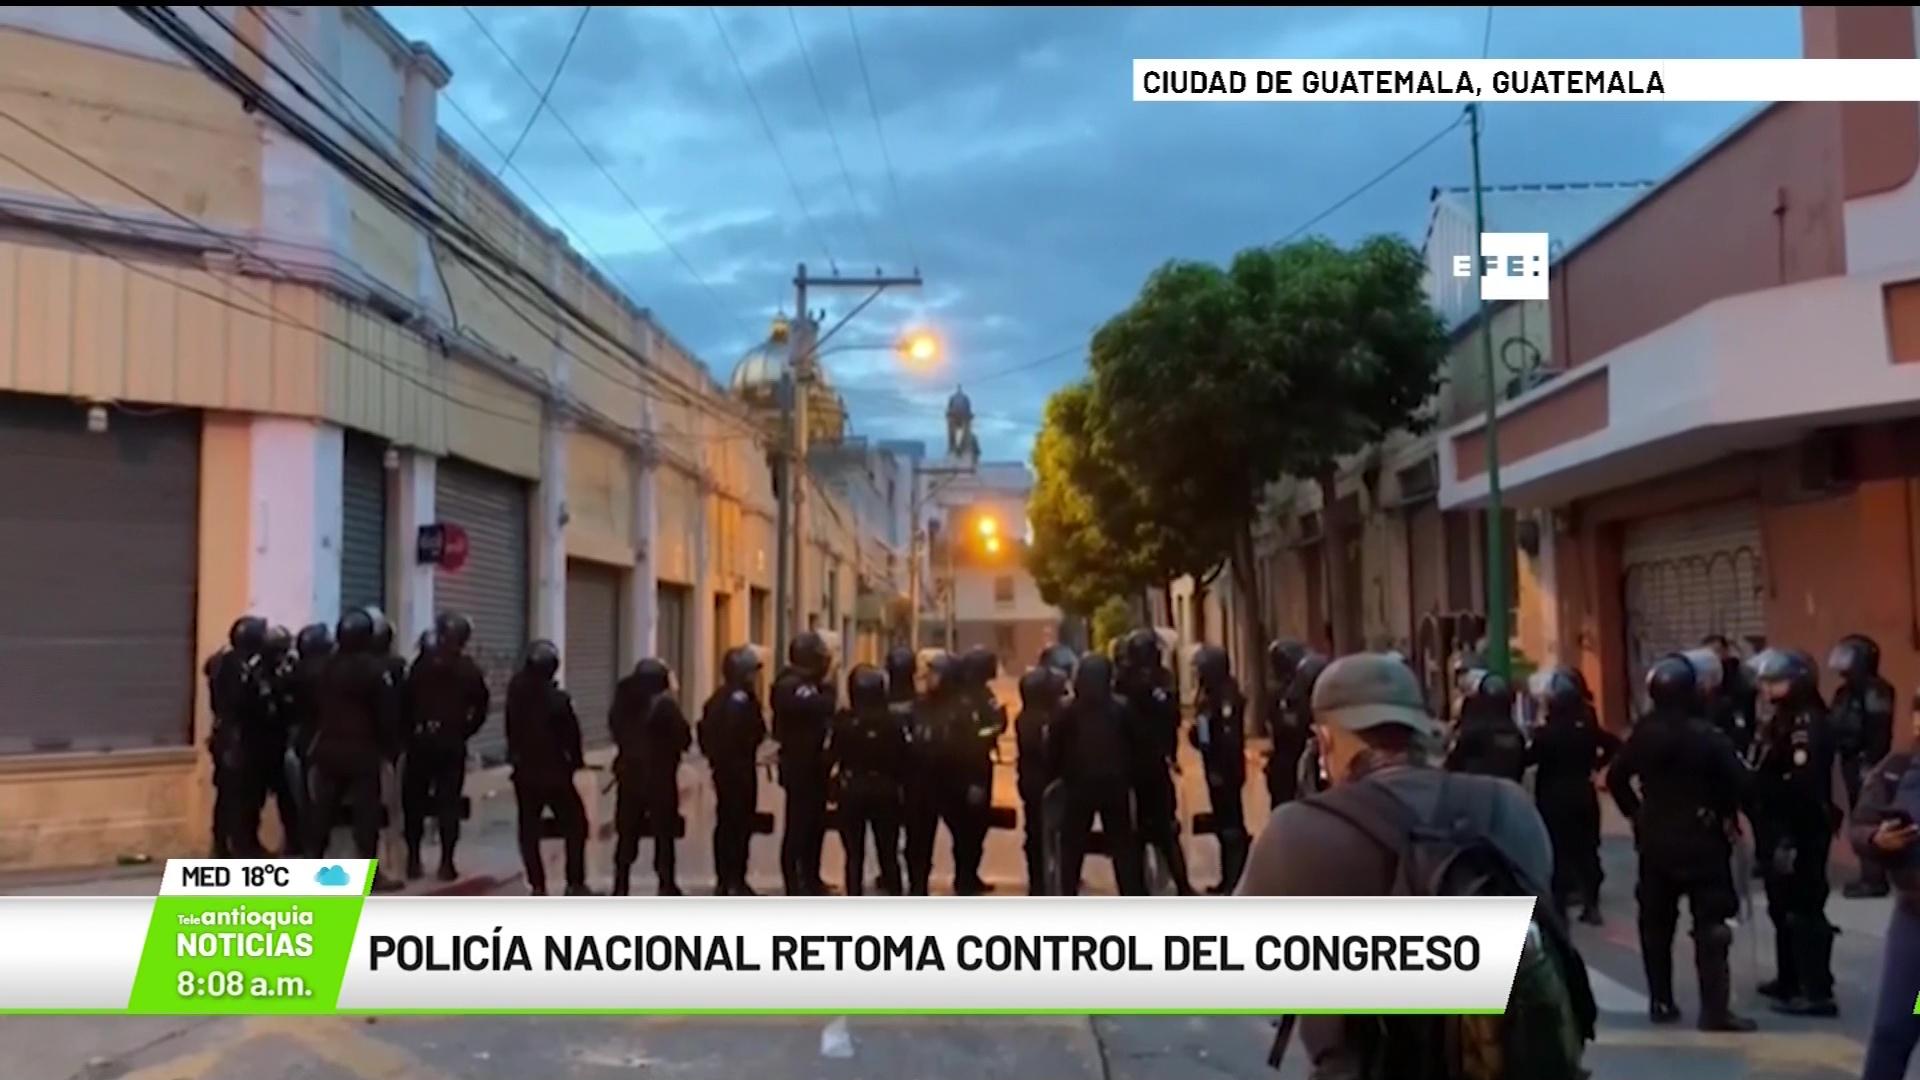 Internacional: Policía Nacional de Guatemala retoma el control del Congreso